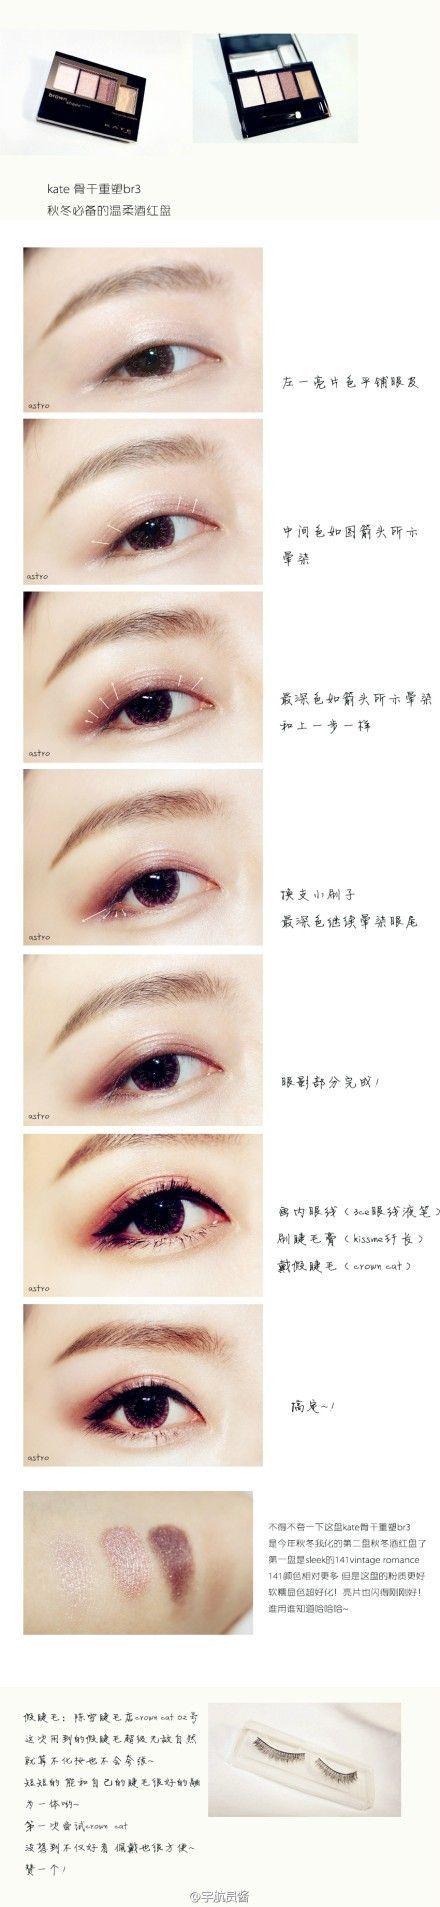 แต่งตาสวยๆ ไม่ซ้ำ 20 วัน 20 สไตล์ - Pantip